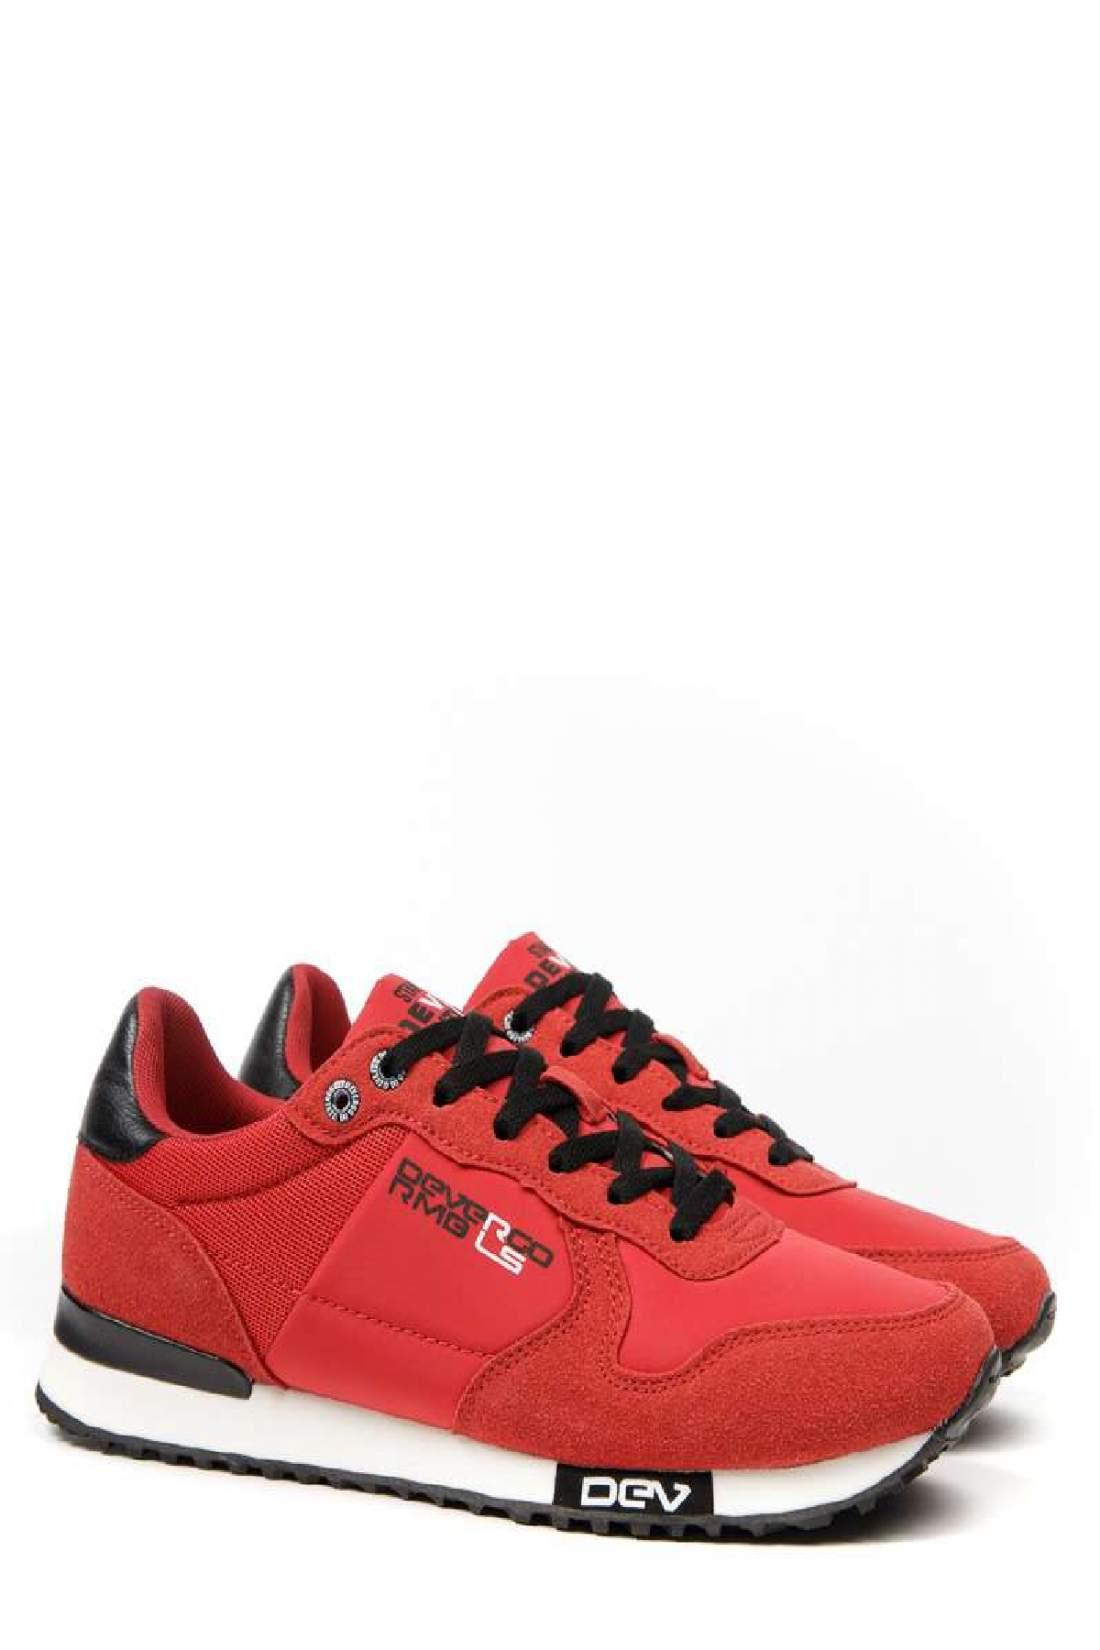 Devergo TYRON férfi sportcipő - Piros